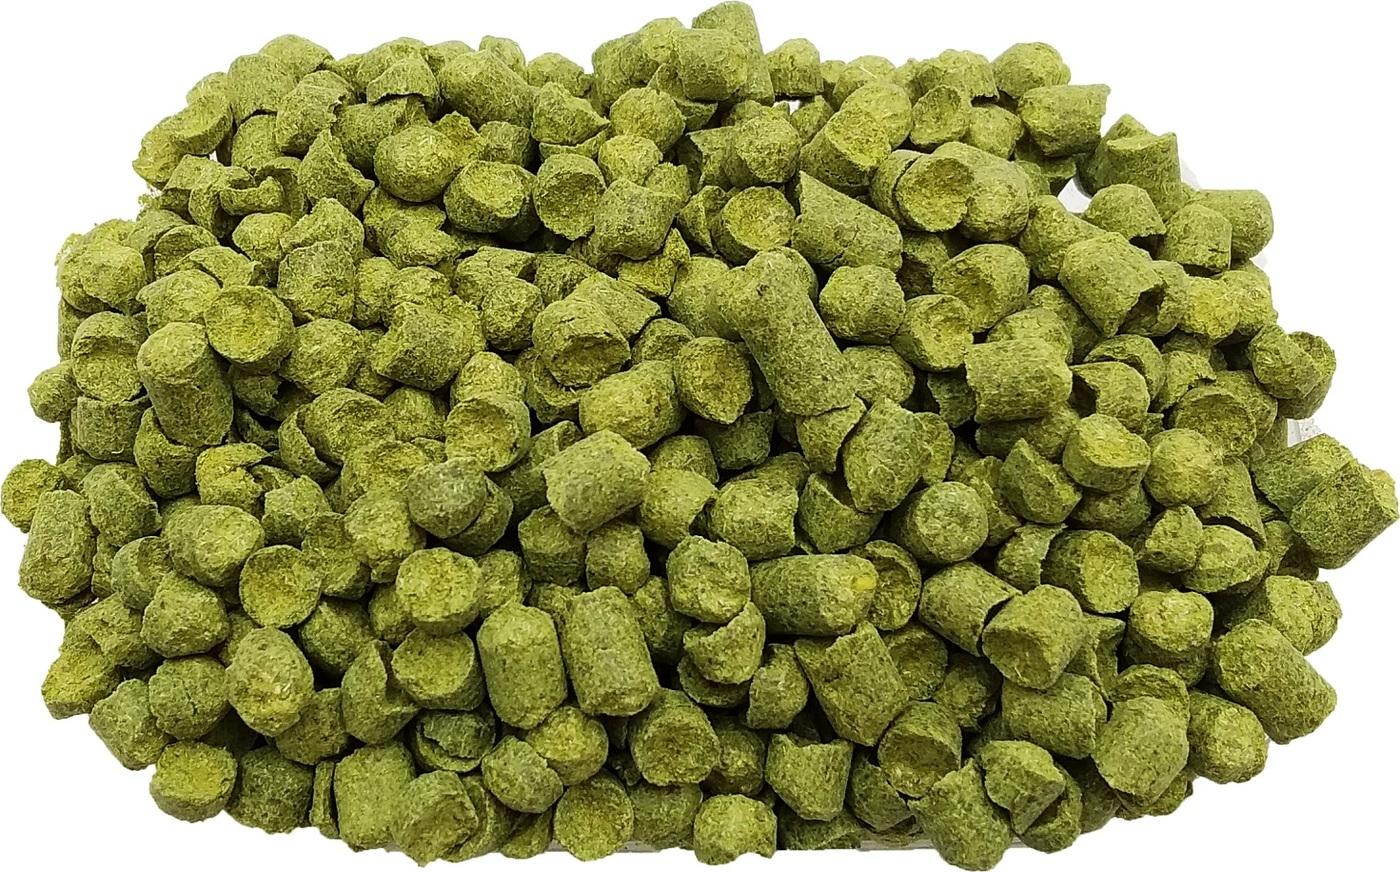 Хмель гранулированный Cascade, 50 гр (для пивоварения, США, Yakima Chief)